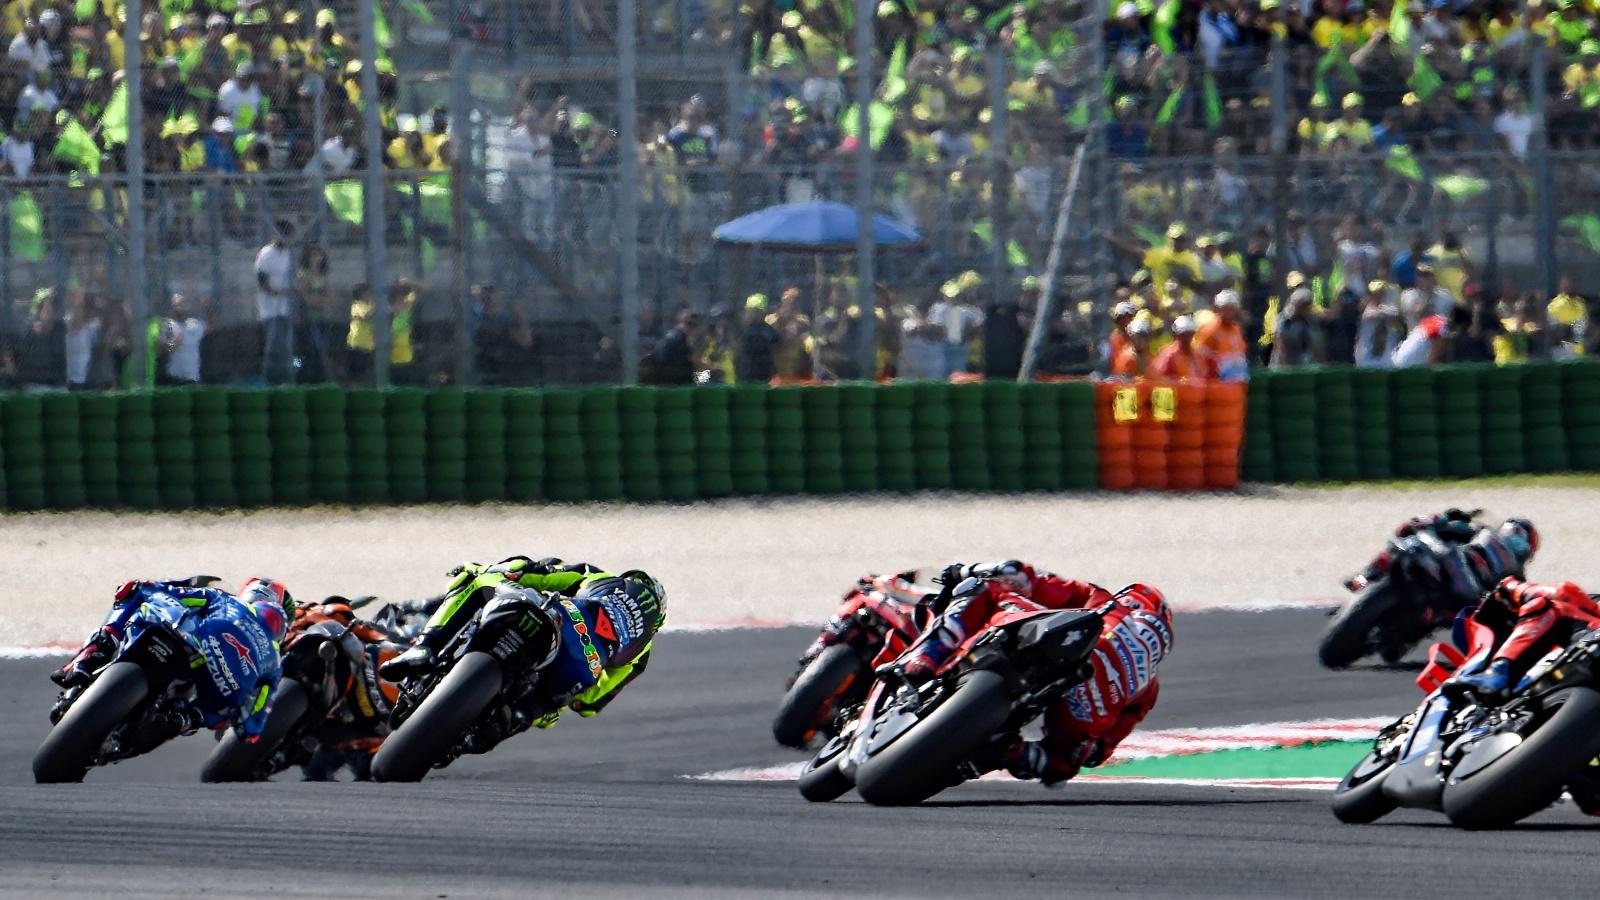 MotoGP 2020 volverá a tener público en septiembre: 10.000 personas al día en Misano